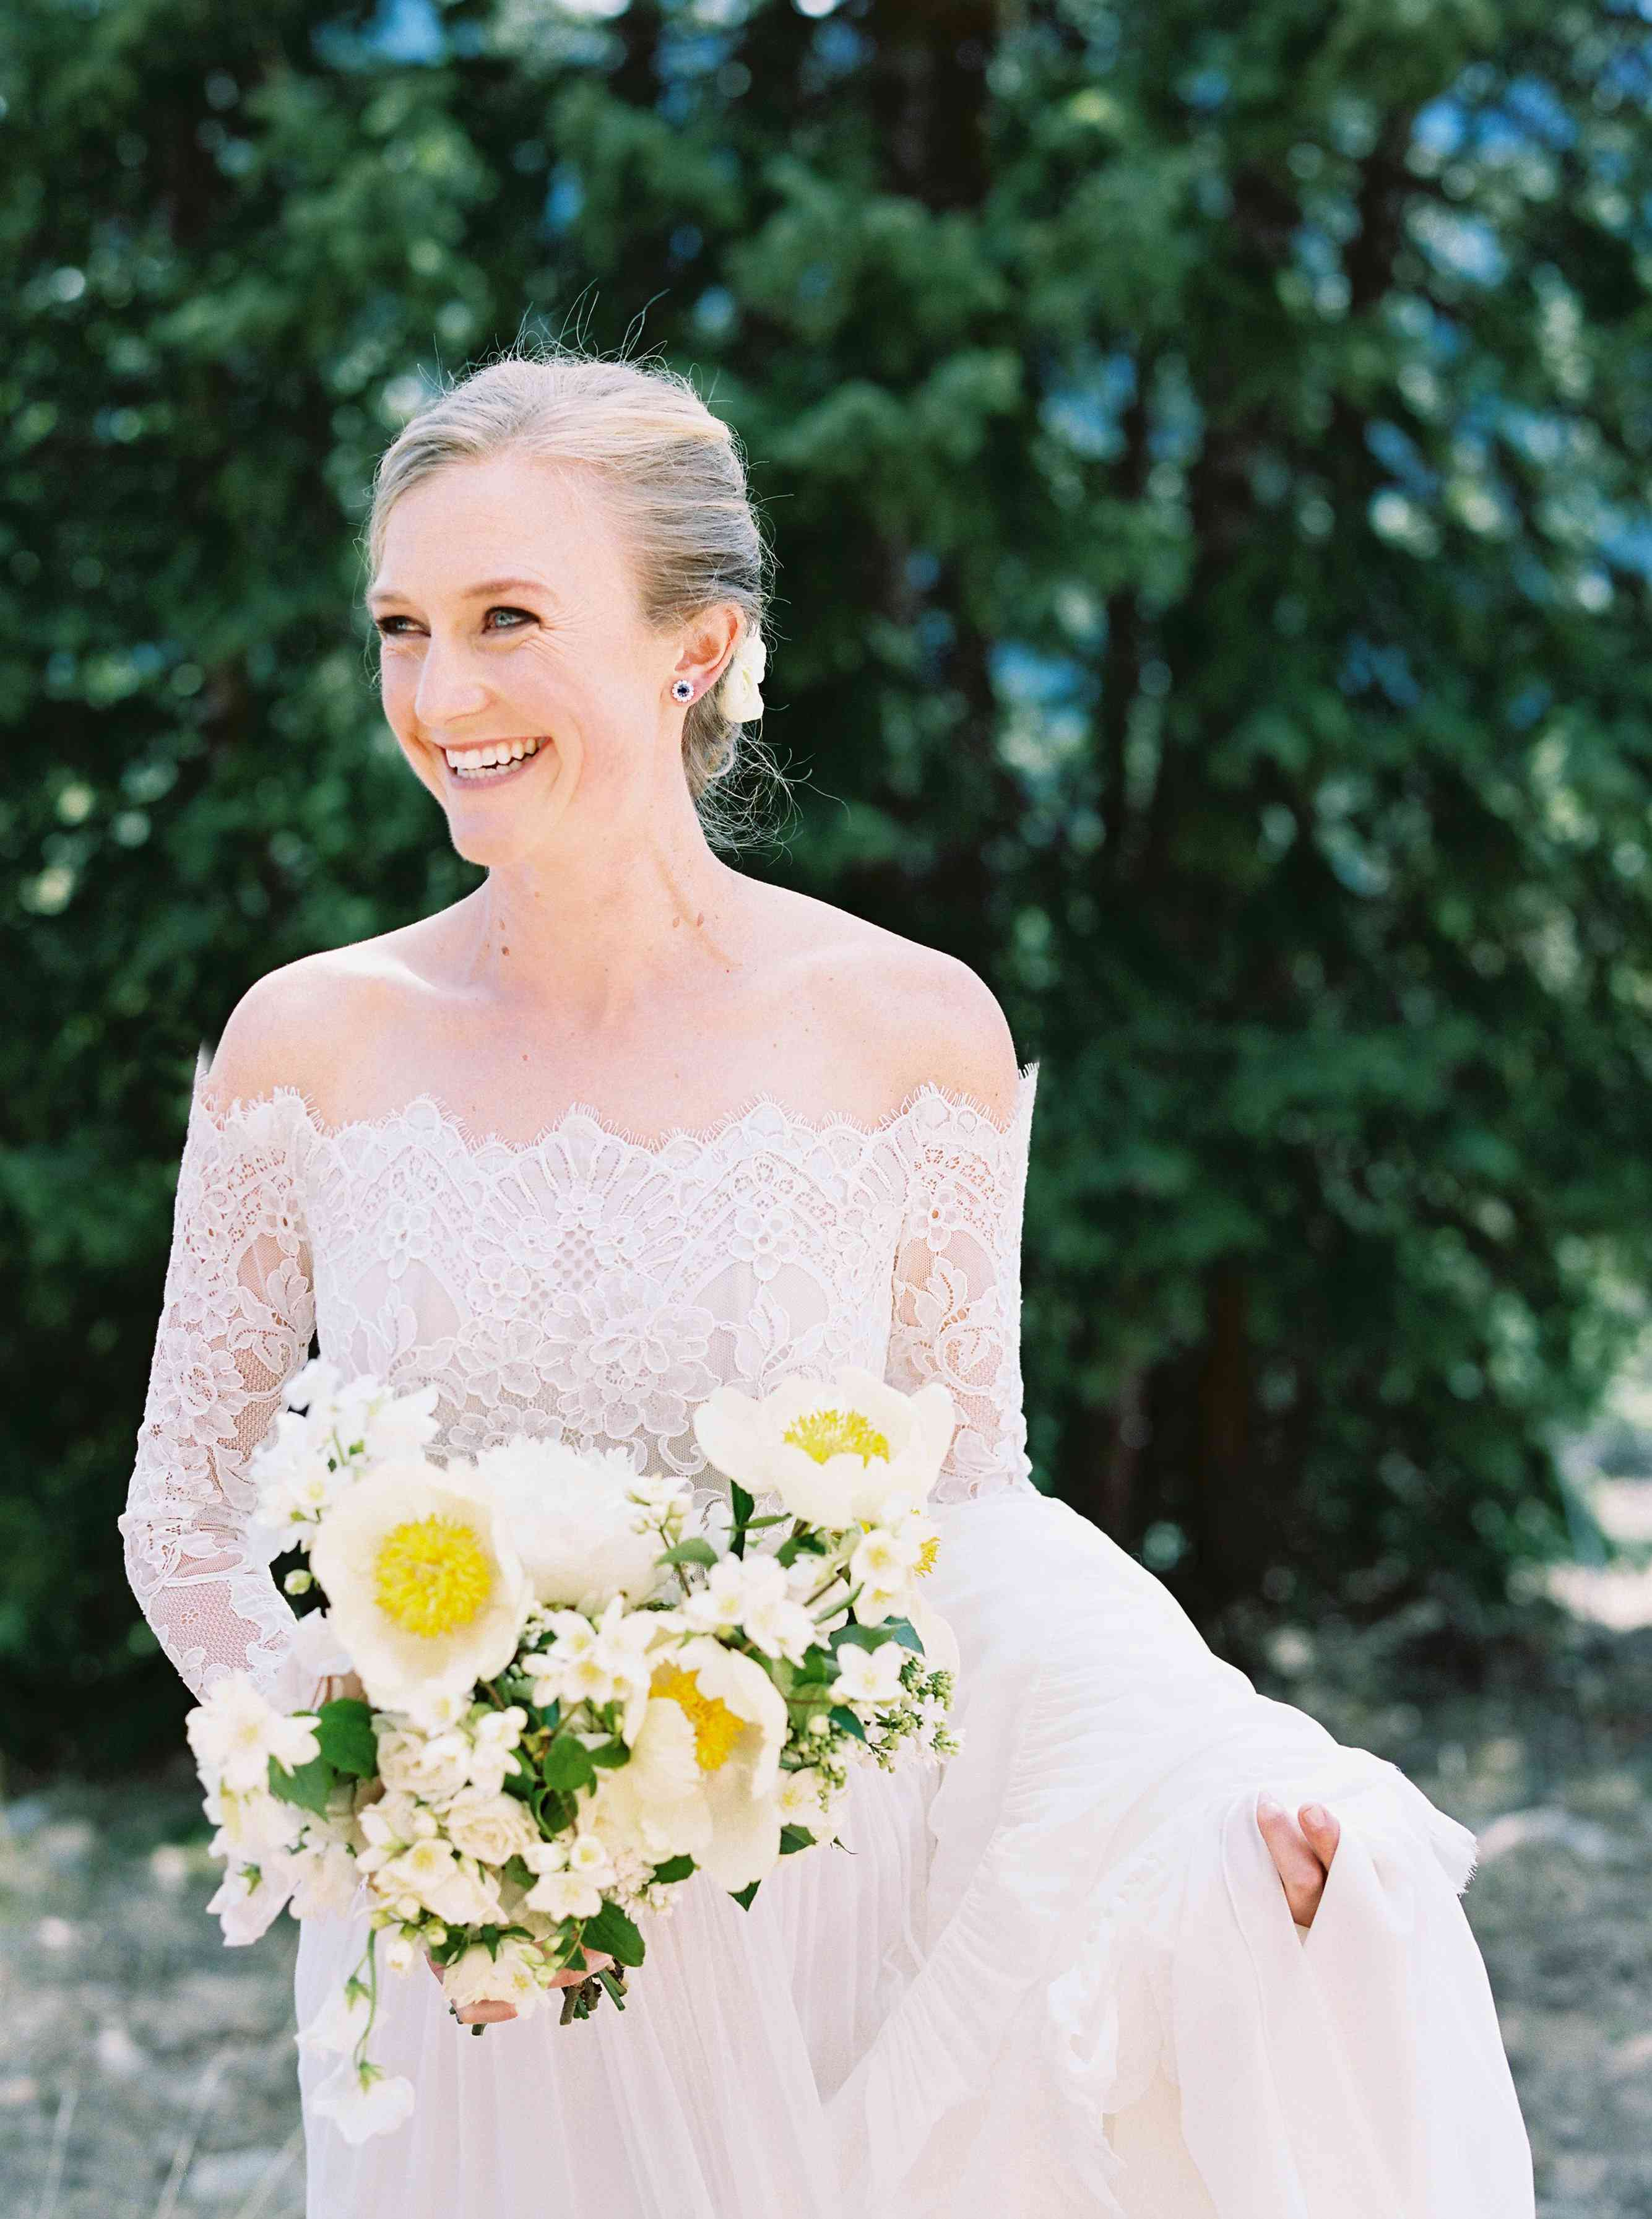 <p>off the shoulder wedding dress</p><br><br>